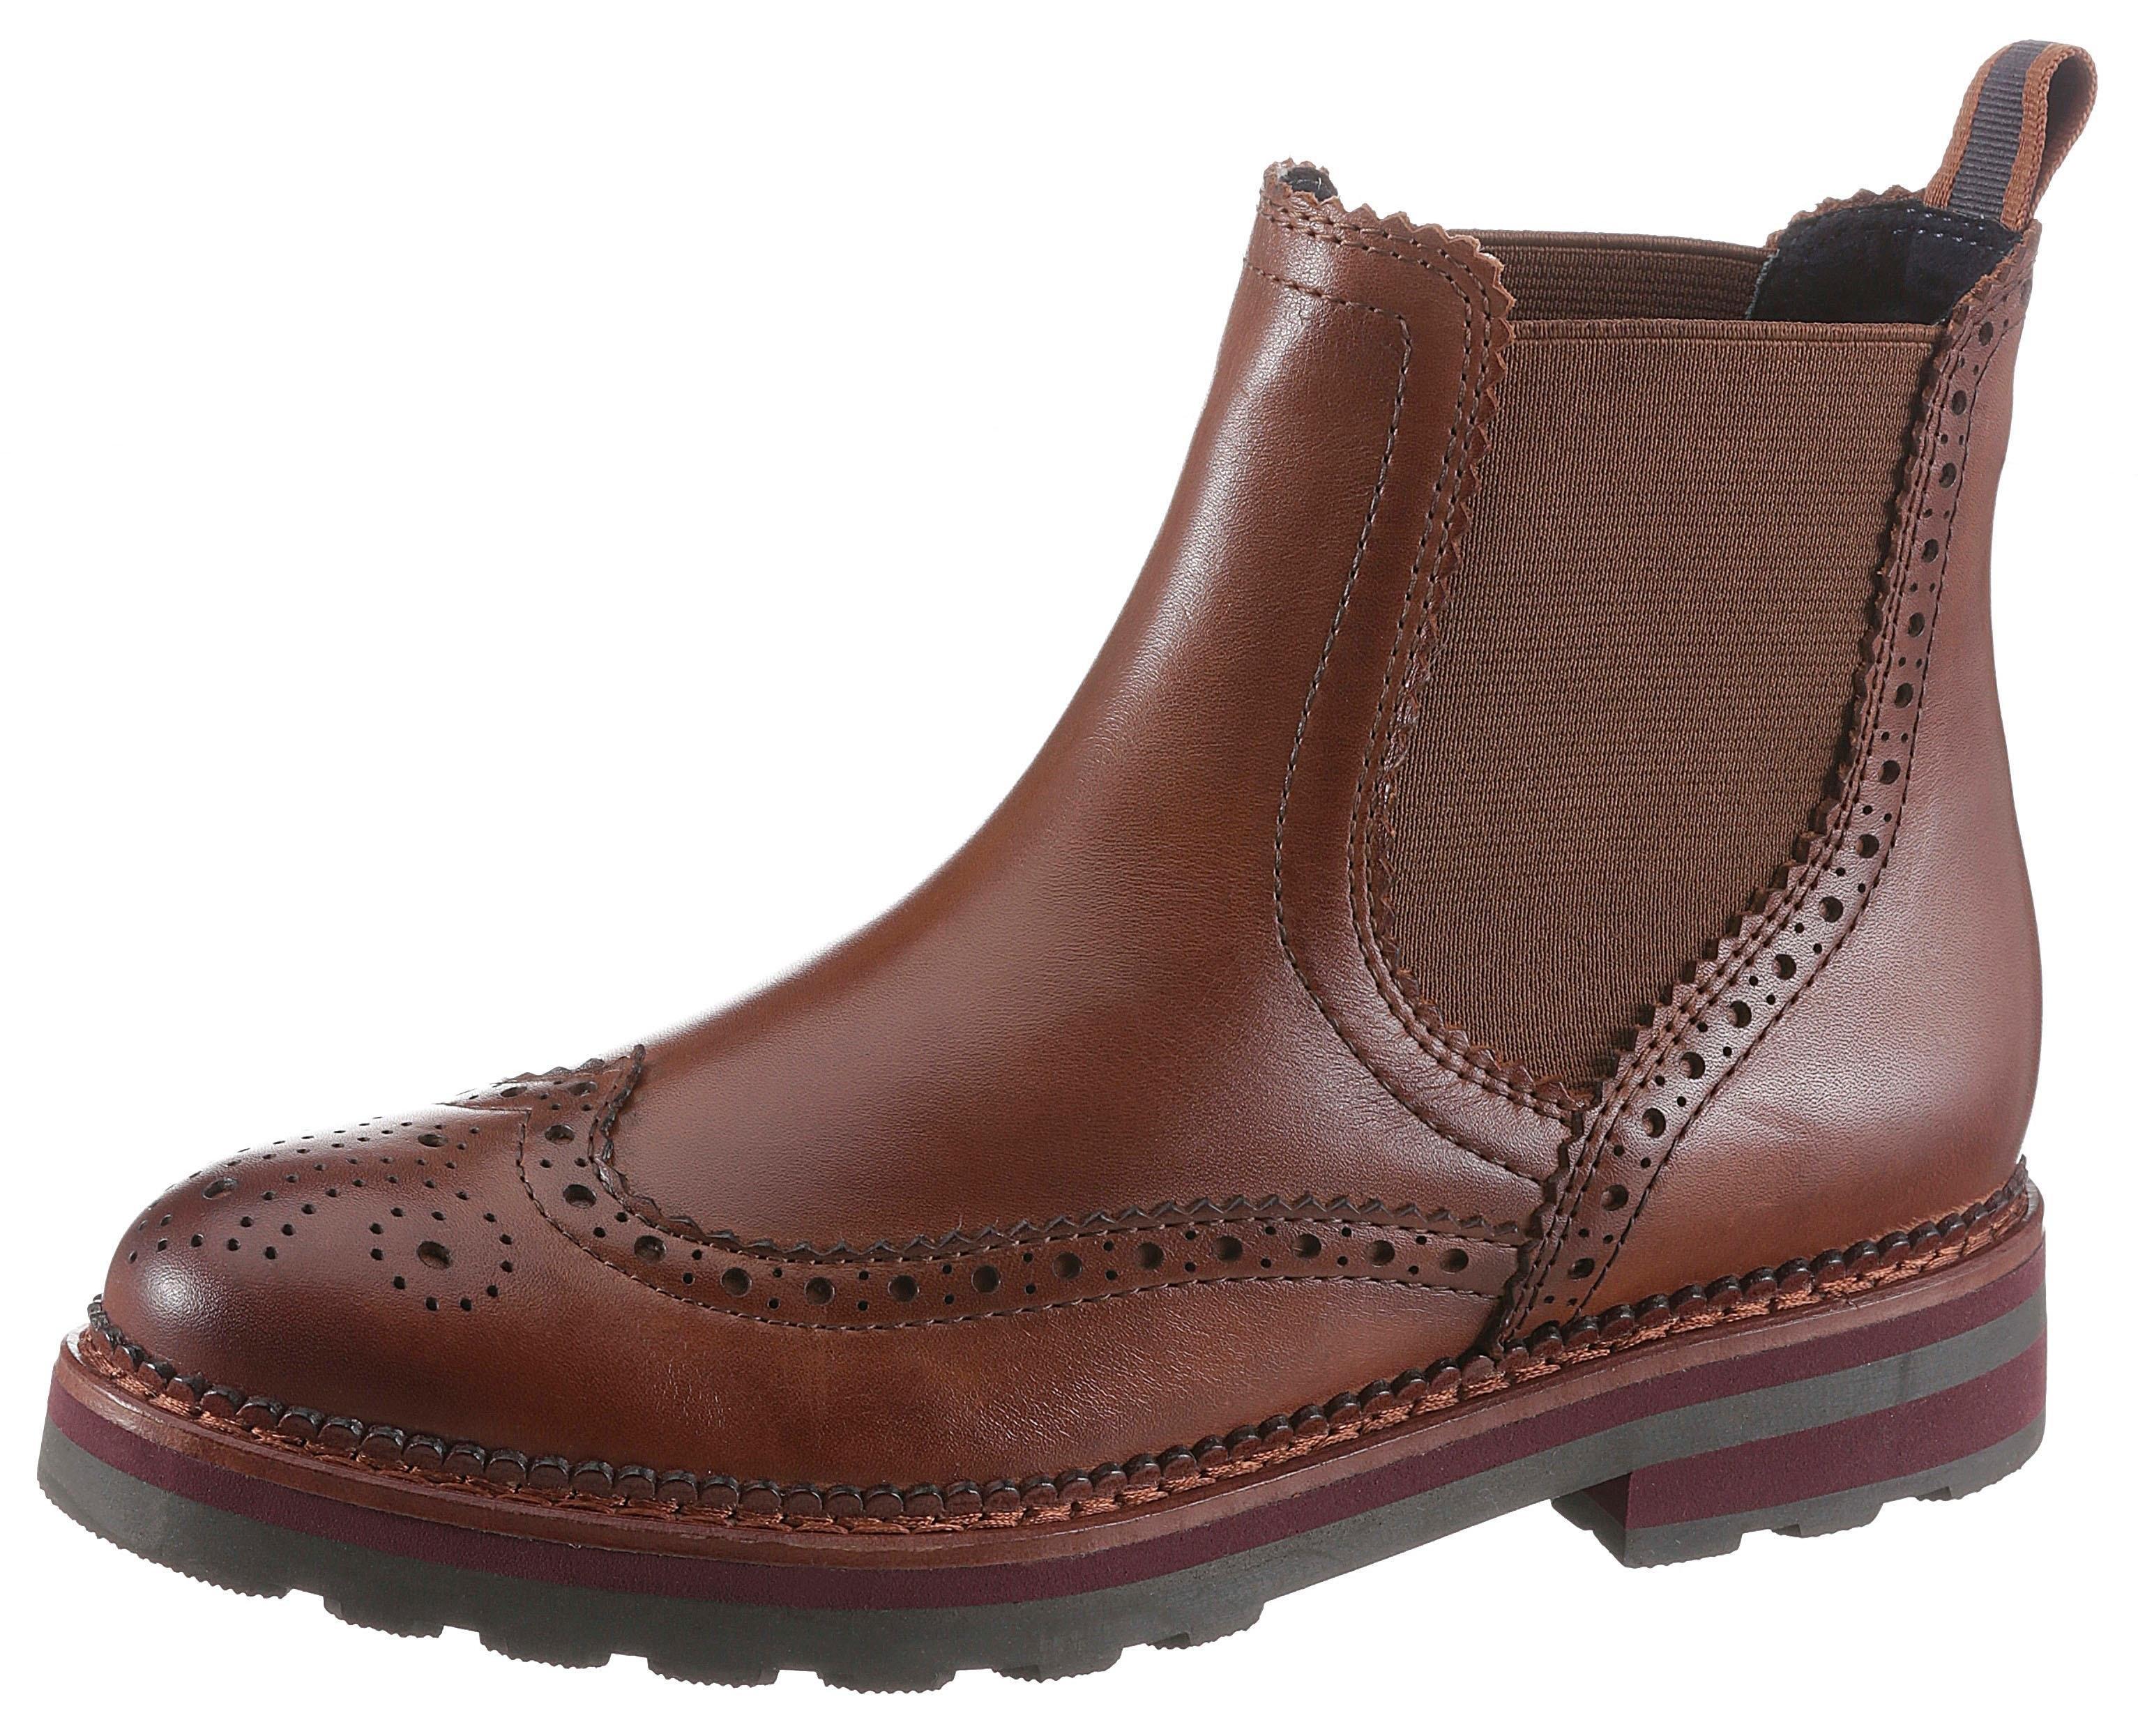 Marco Tozzi Chelsea-boots »Bargni« bestellen: 30 dagen bedenktijd